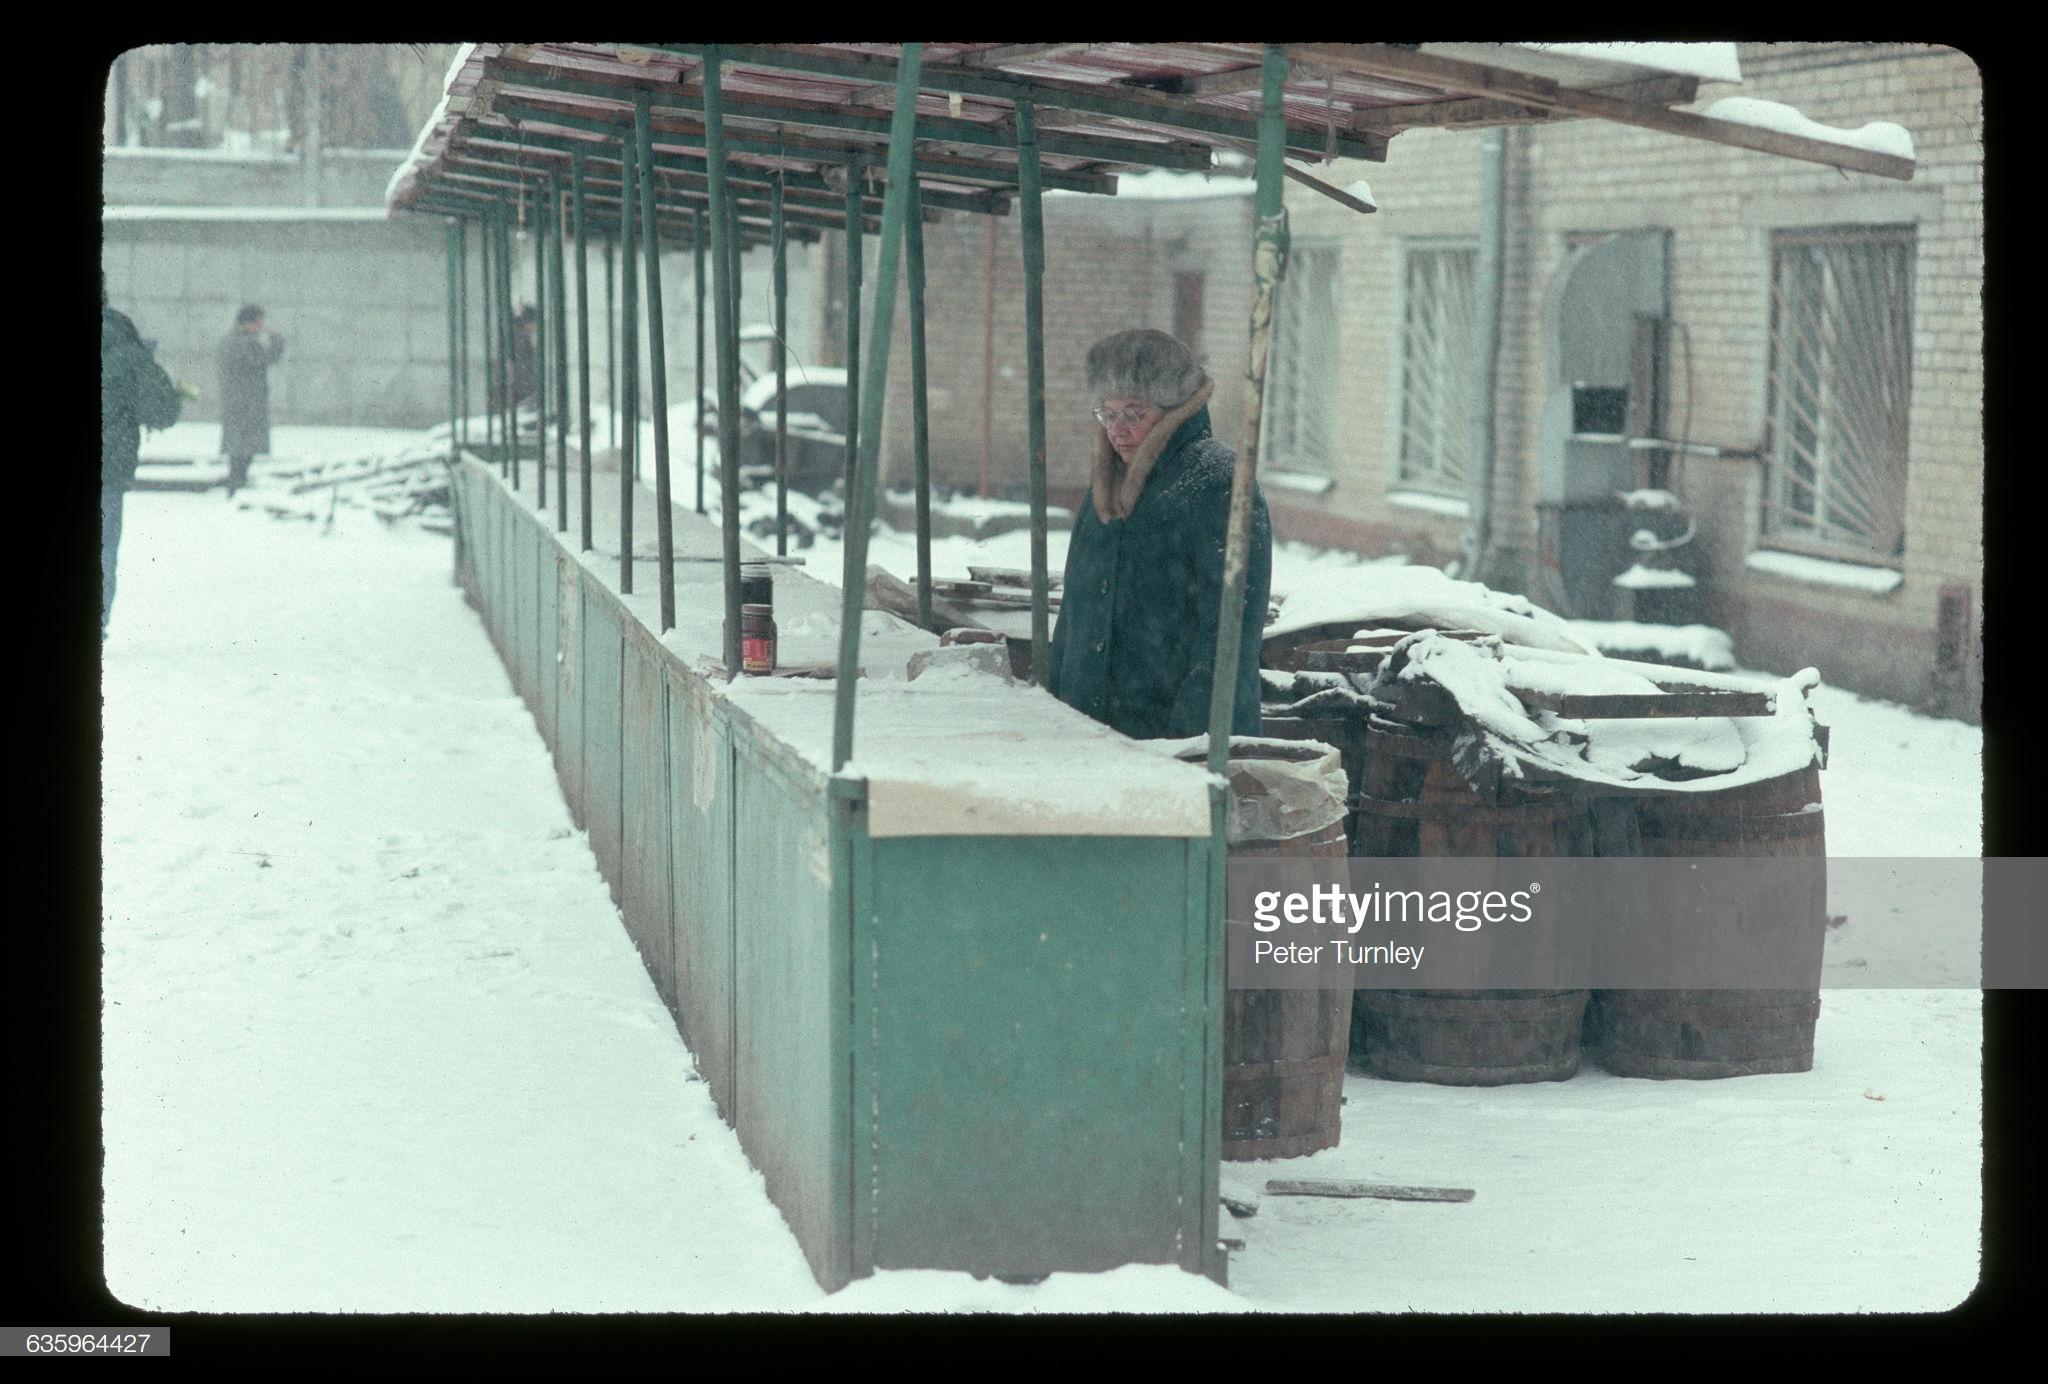 Одинокий продавец в зимней Москве